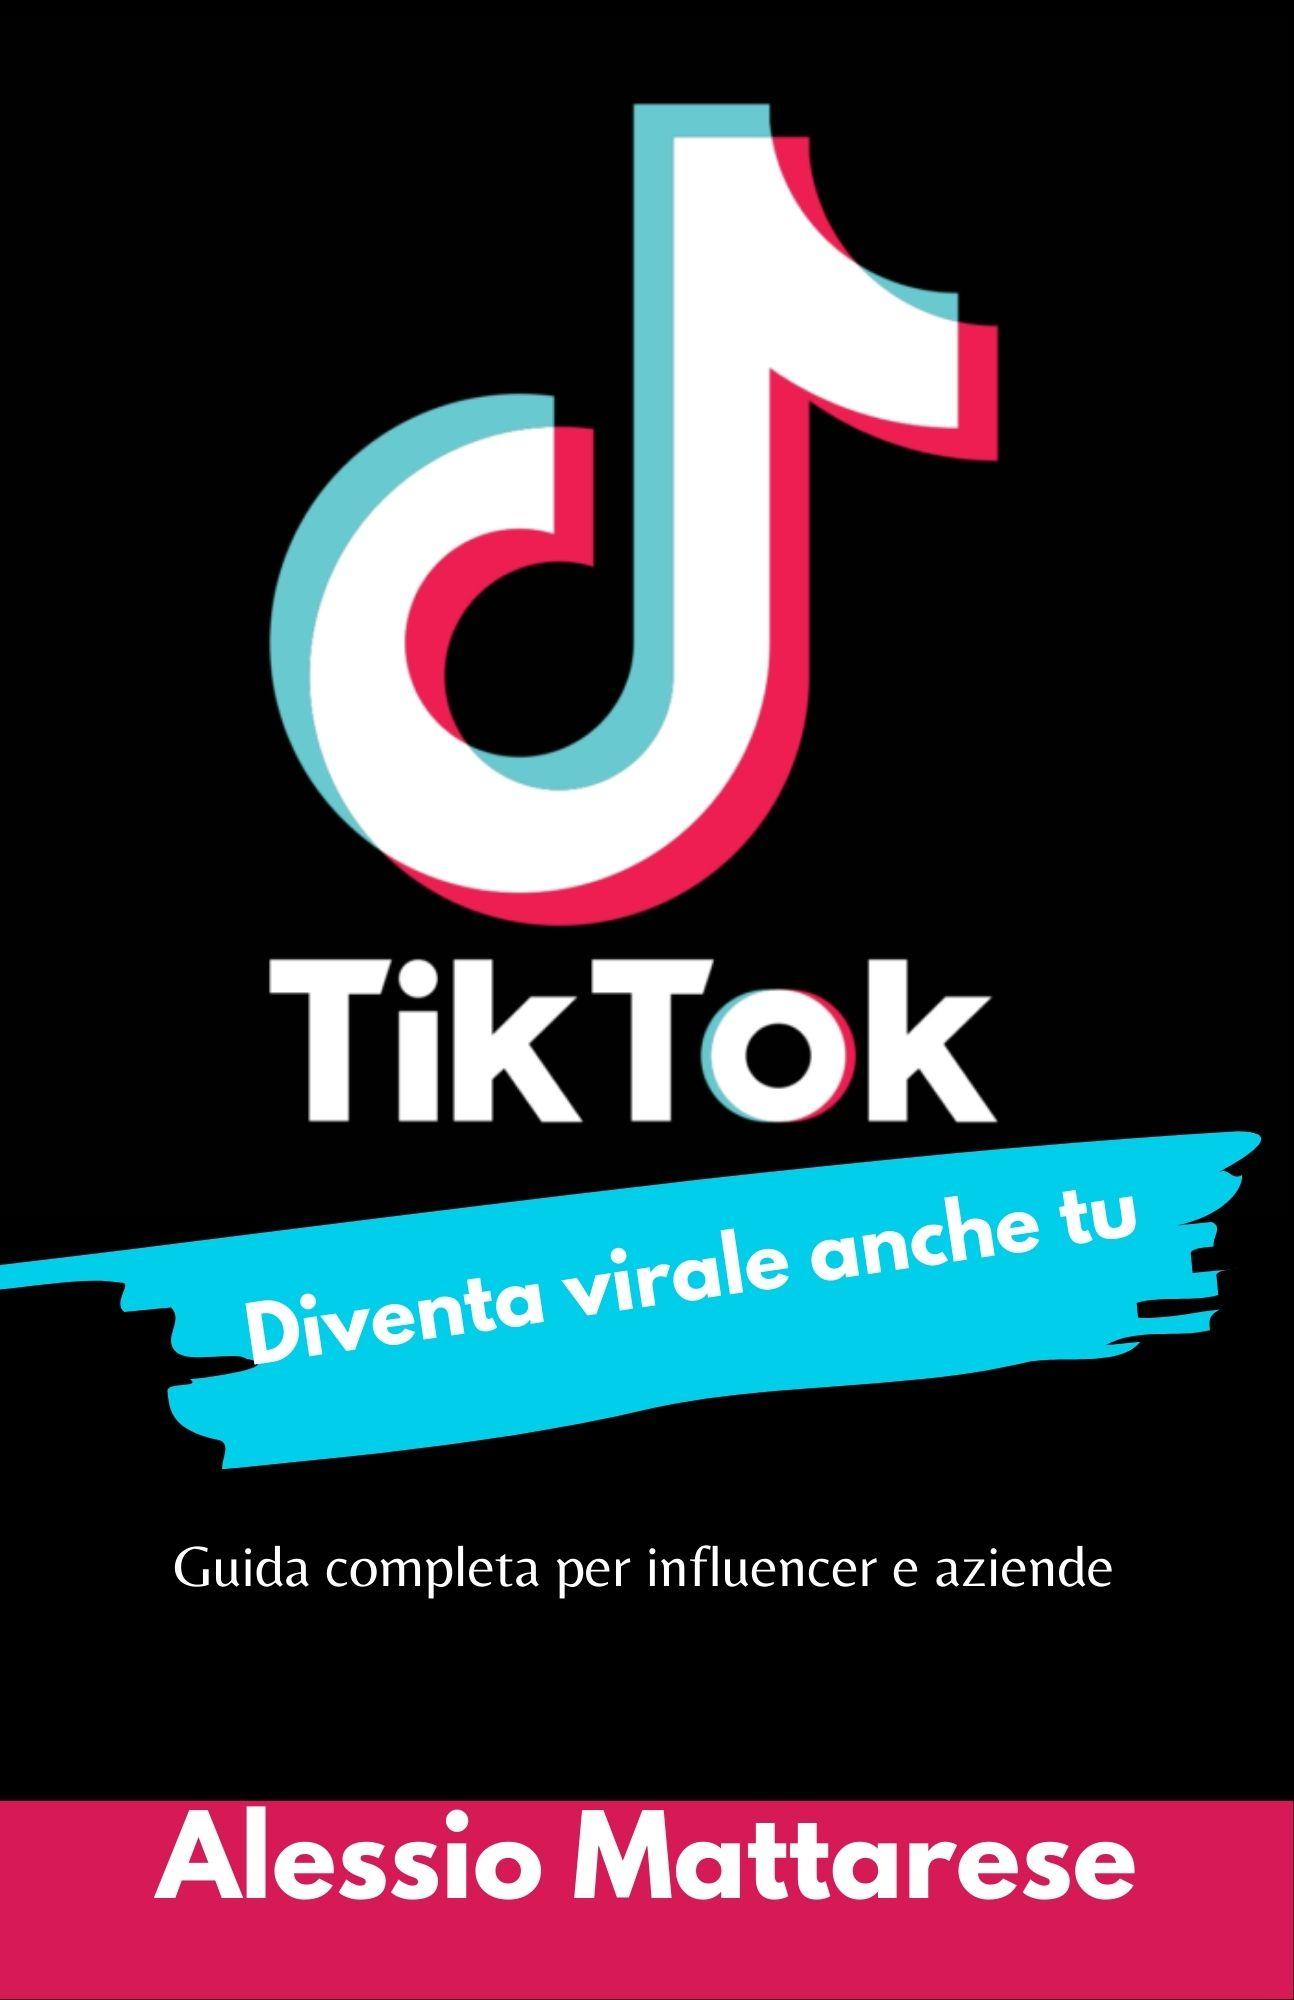 TikTok diventa virale anche tu